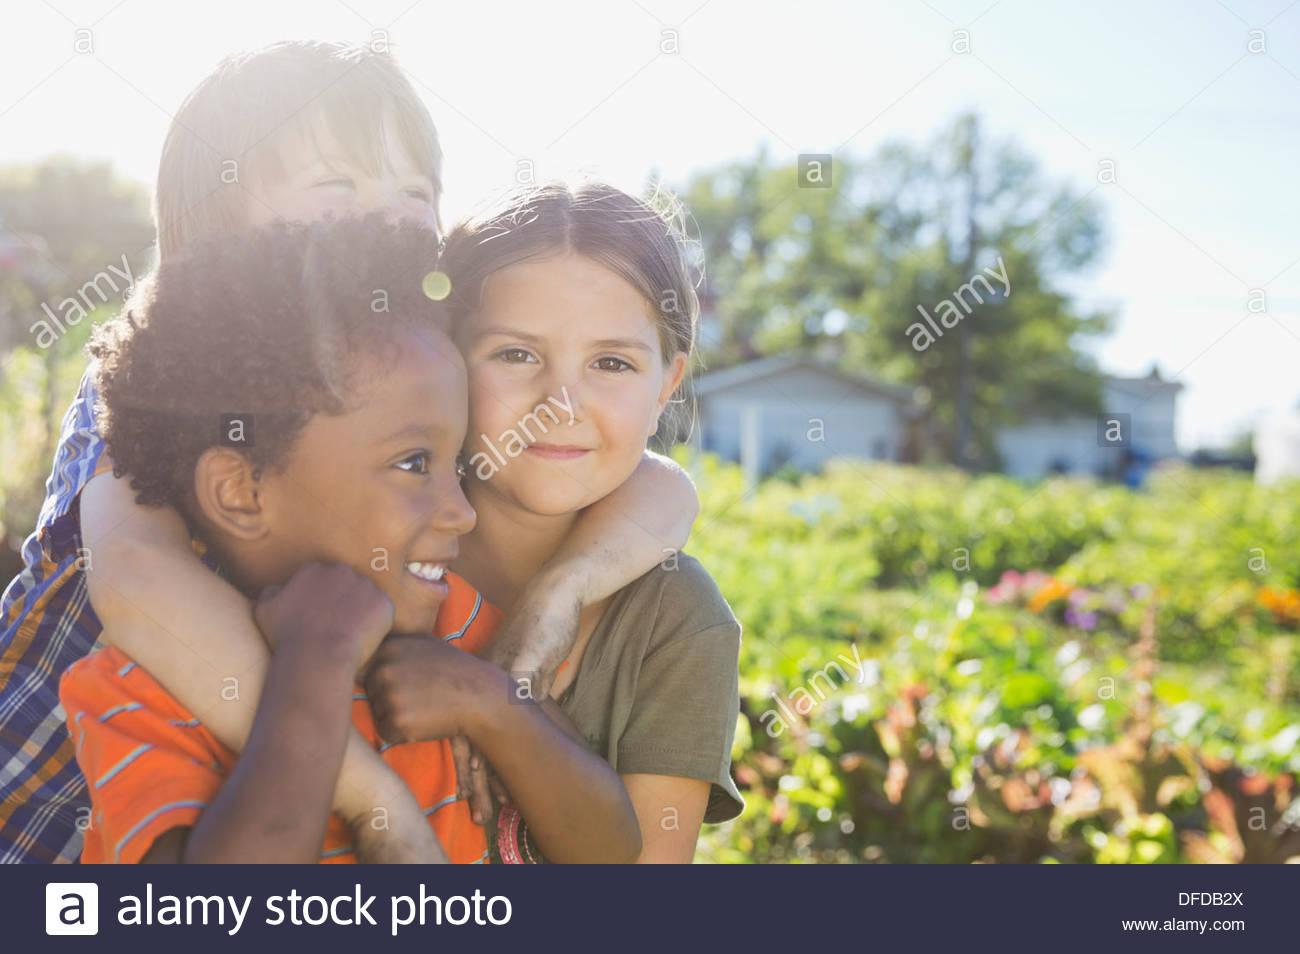 Retrato de linda chica con amigos en el jardín de comunidad Imagen De Stock